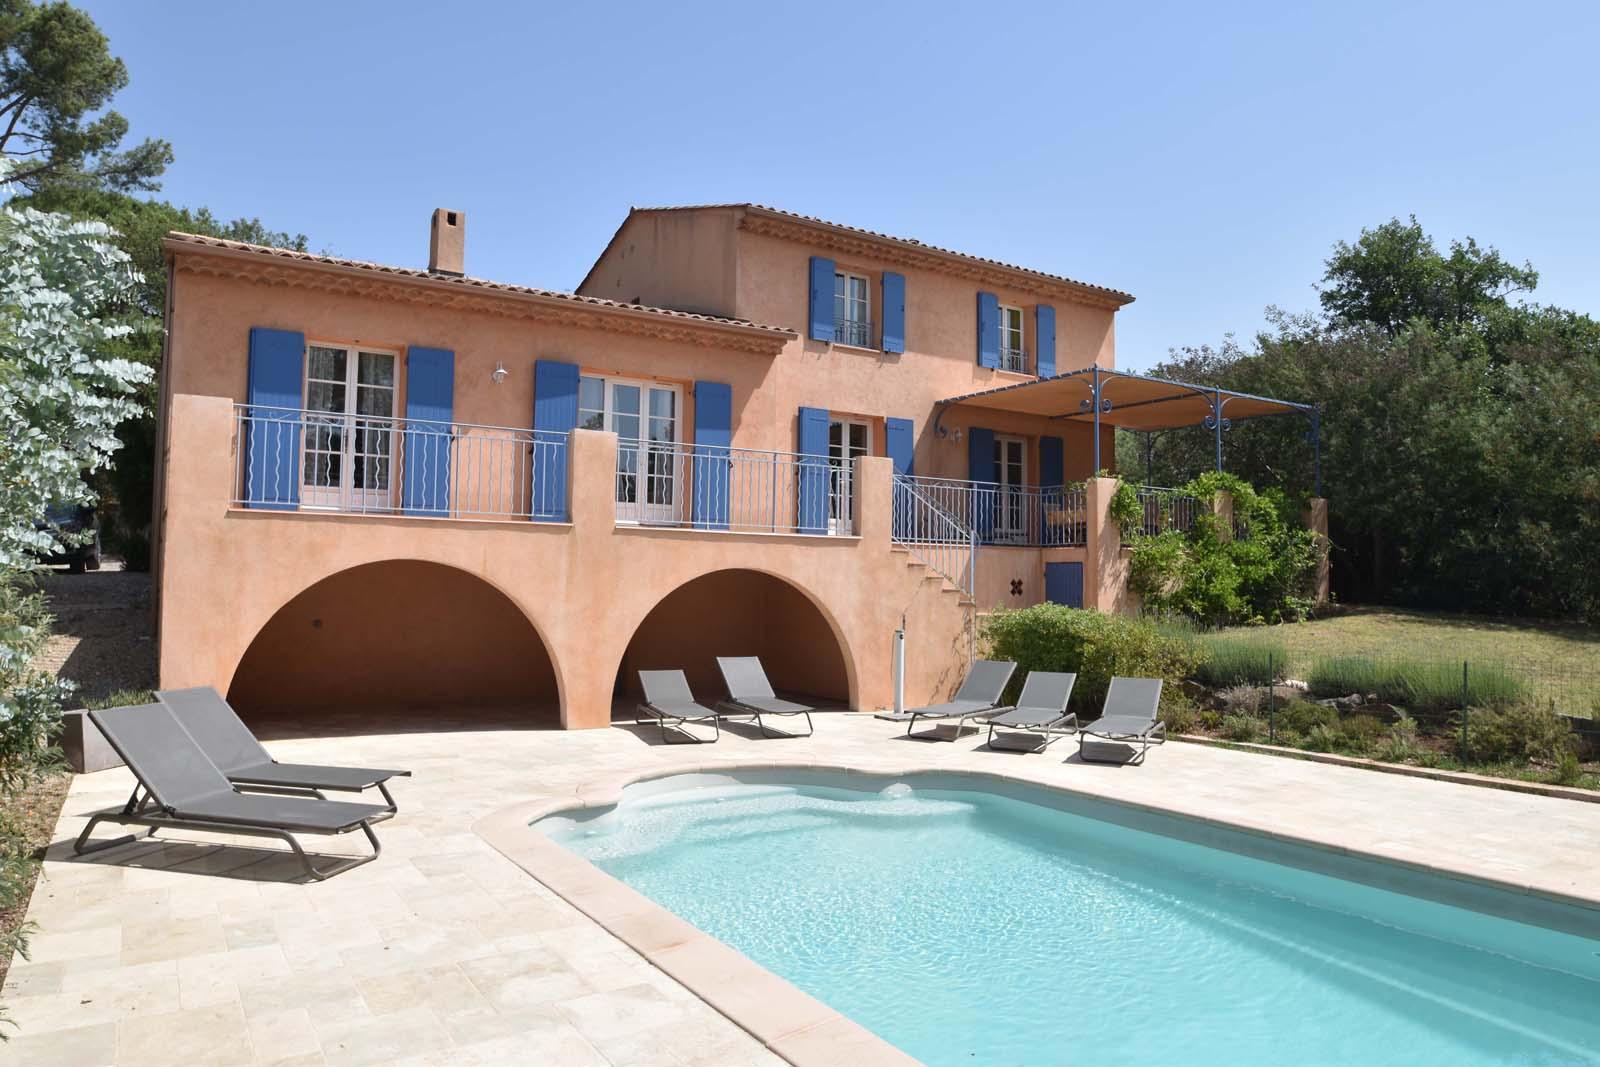 Vakantiehuis in Vidauban met zwembad, in Provence-Cote d'Azur.